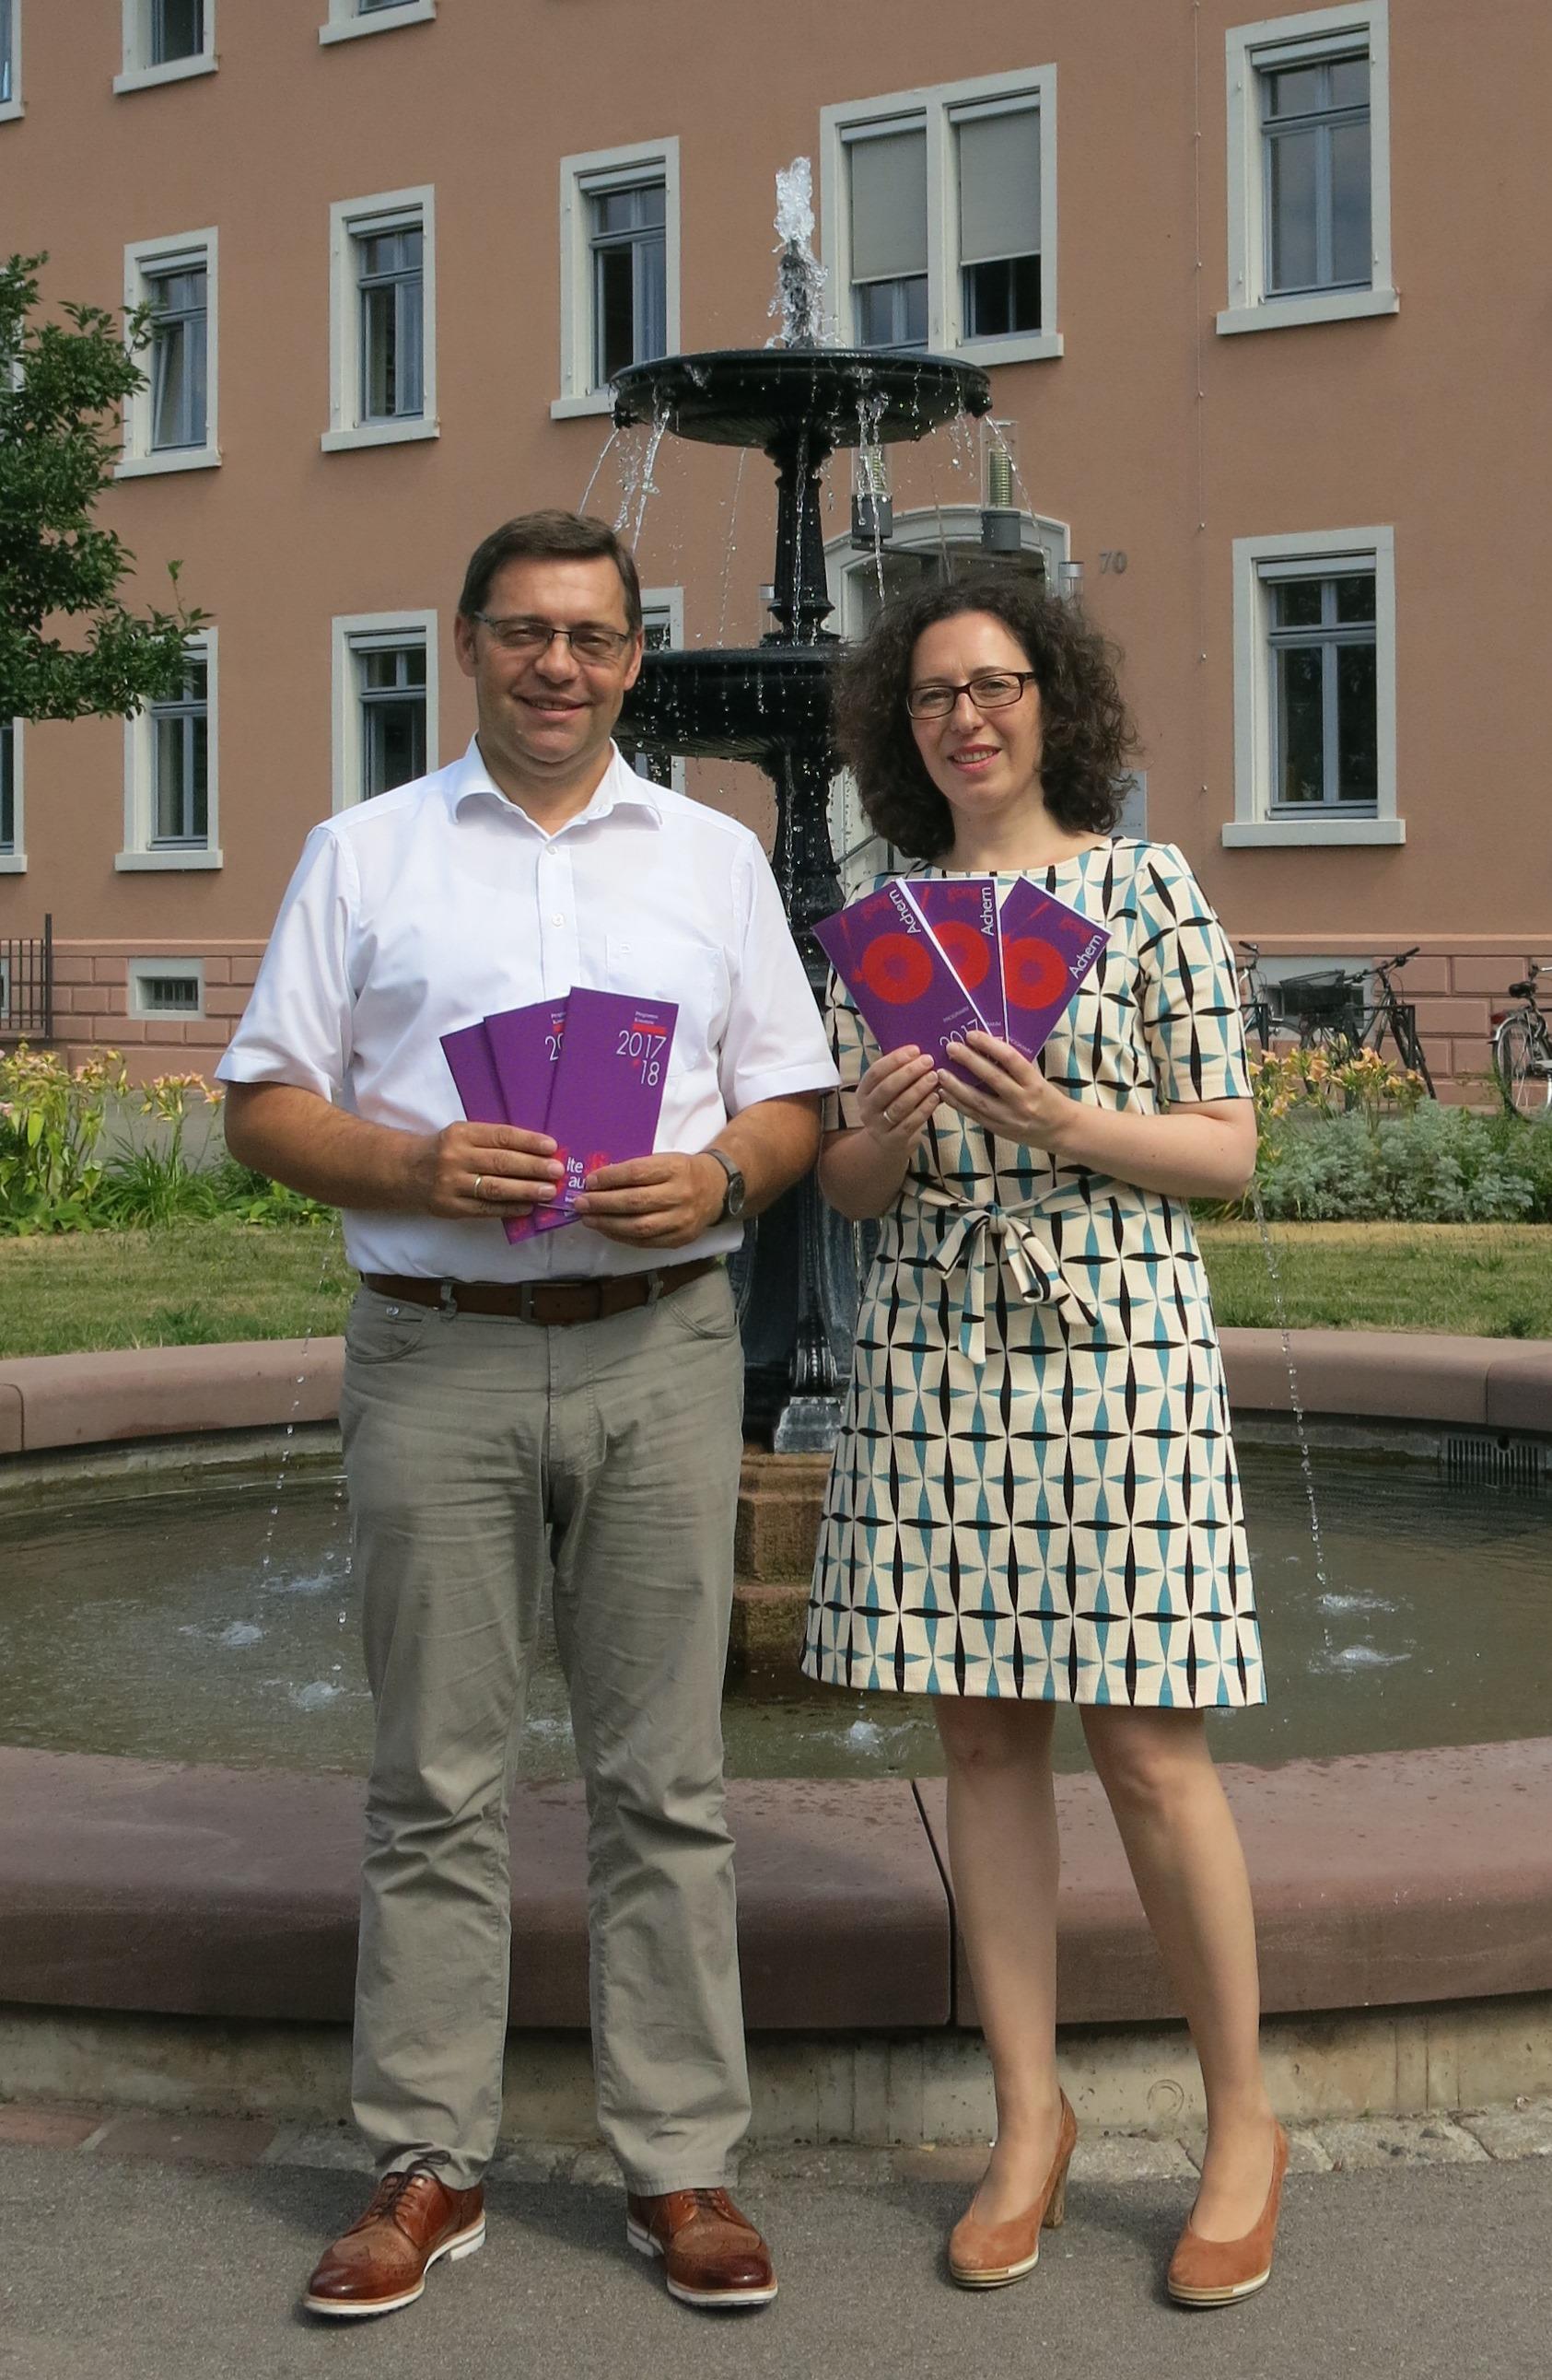 170707 Oberbürgermeister Klaus Muttach und Nicole Reuther